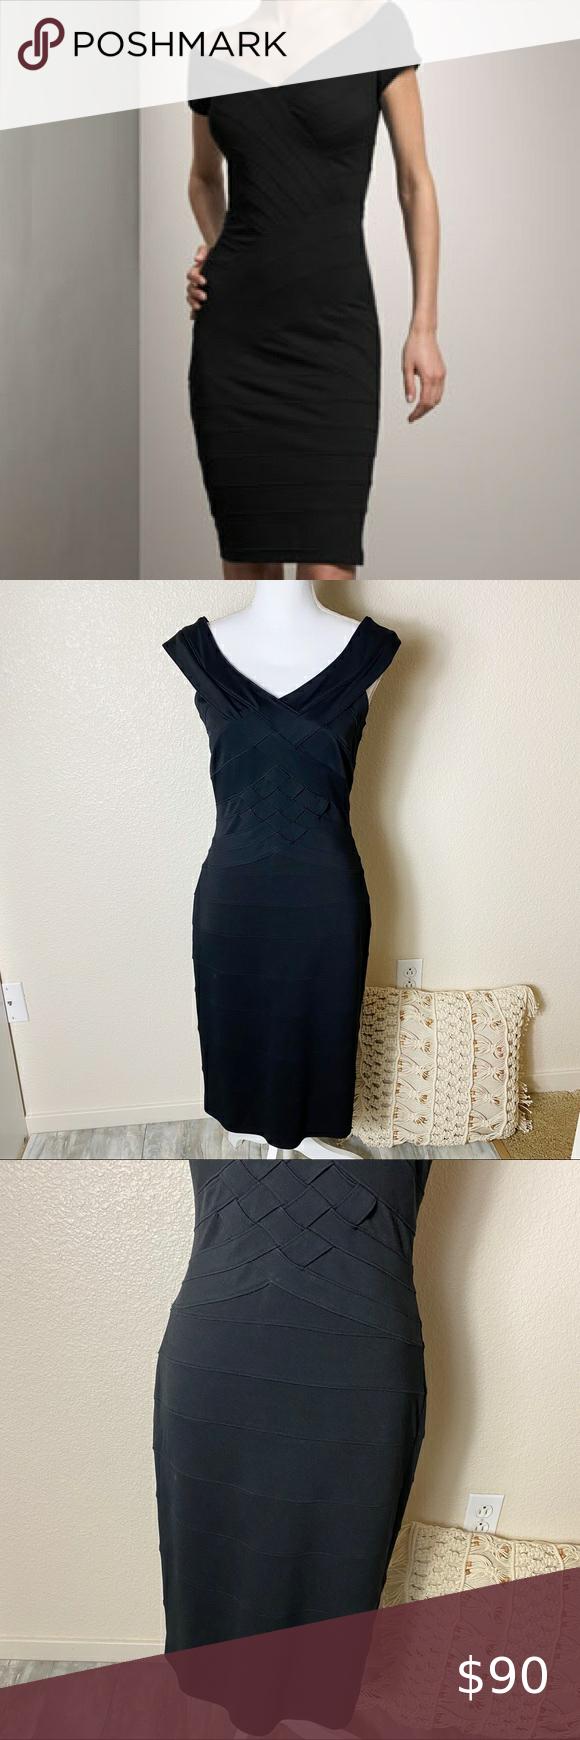 Tadashi Shoji Black Bandage Bodycon Dress In 2021 Bandage Dress Bodycon Black Bandage Bodycon Dress Cocktail Dress Lace [ 1740 x 580 Pixel ]